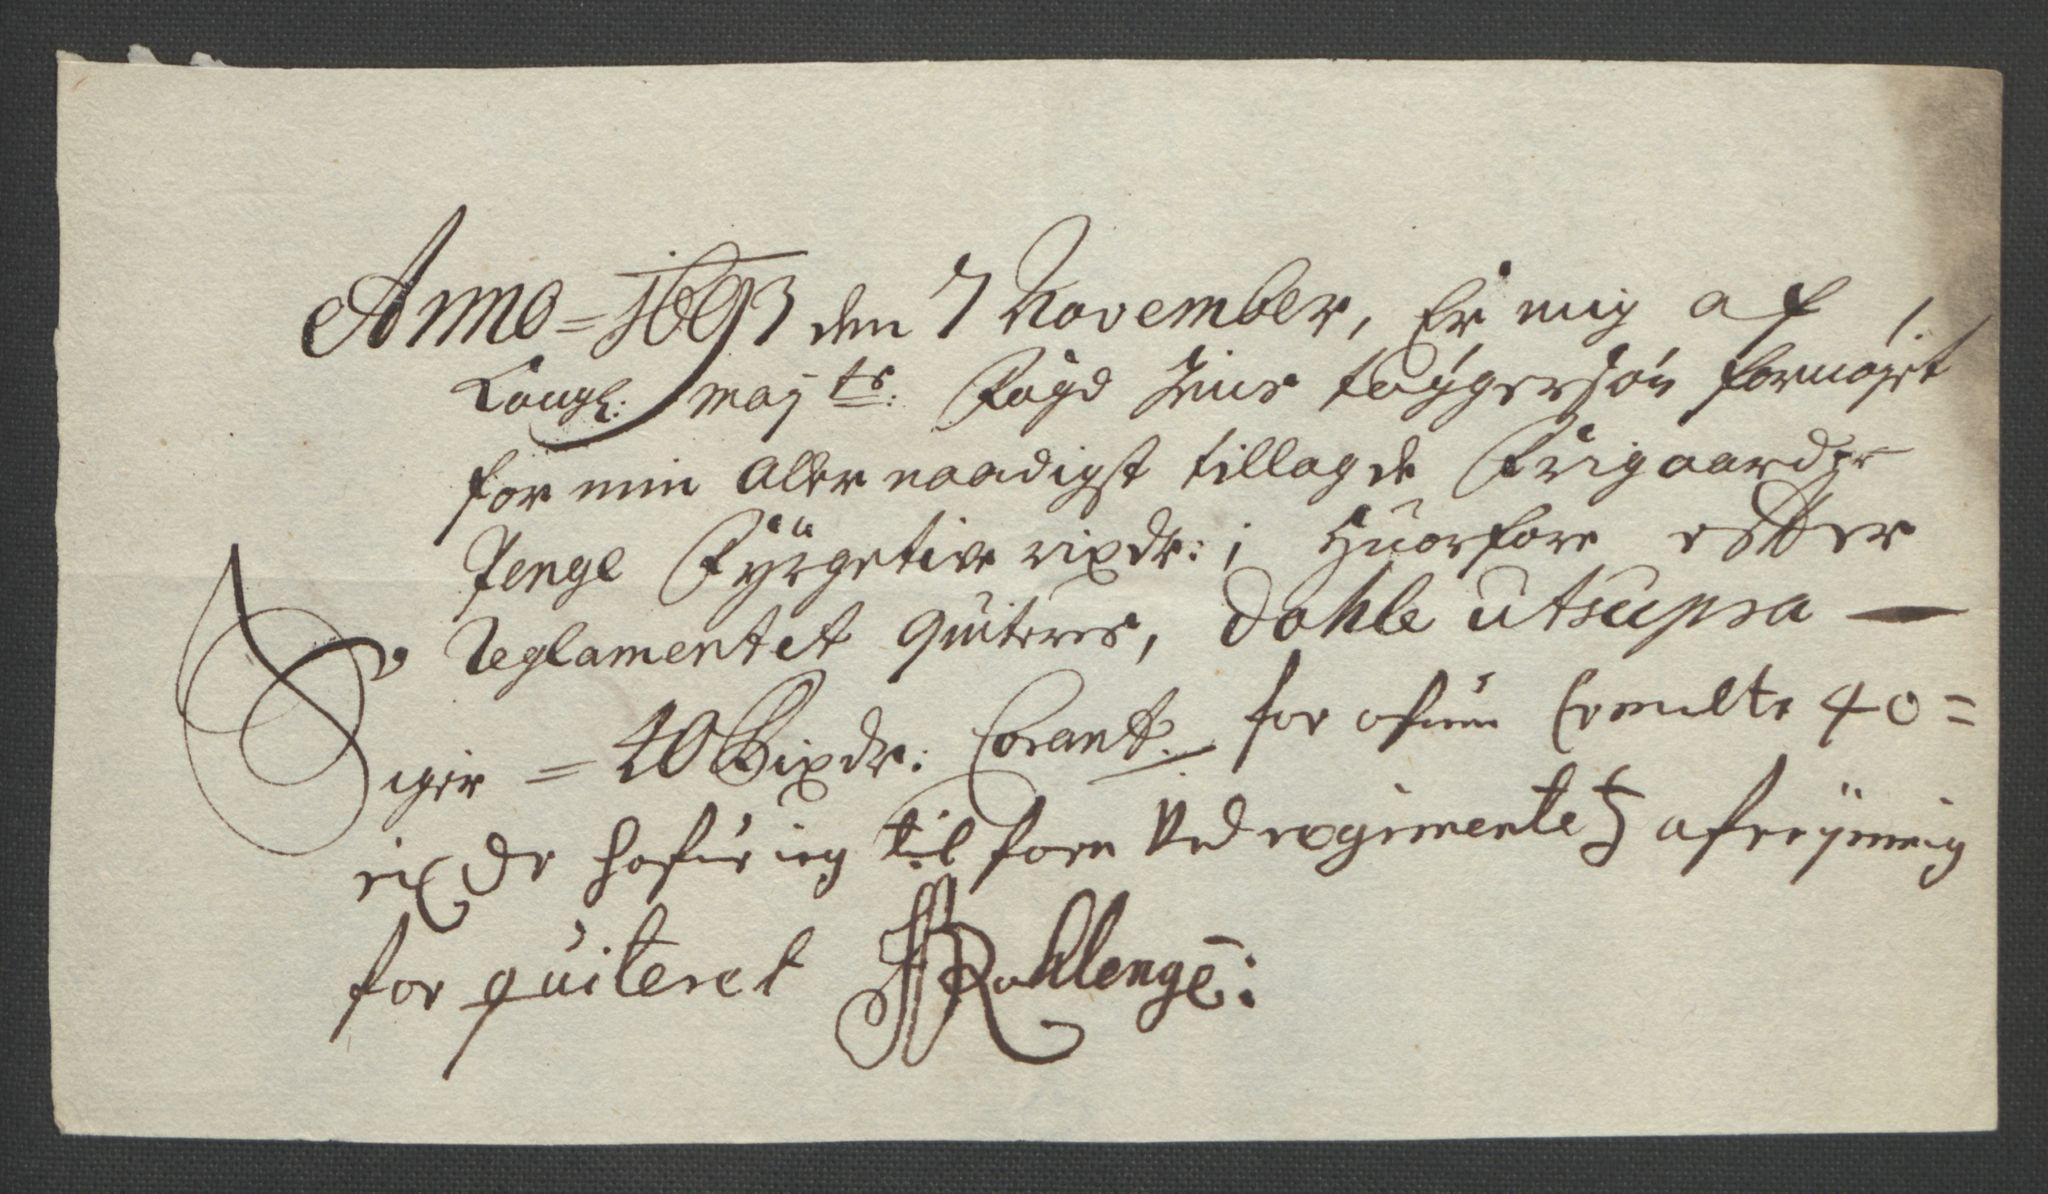 RA, Rentekammeret inntil 1814, Reviderte regnskaper, Fogderegnskap, R53/L3421: Fogderegnskap Sunn- og Nordfjord, 1693-1694, s. 82